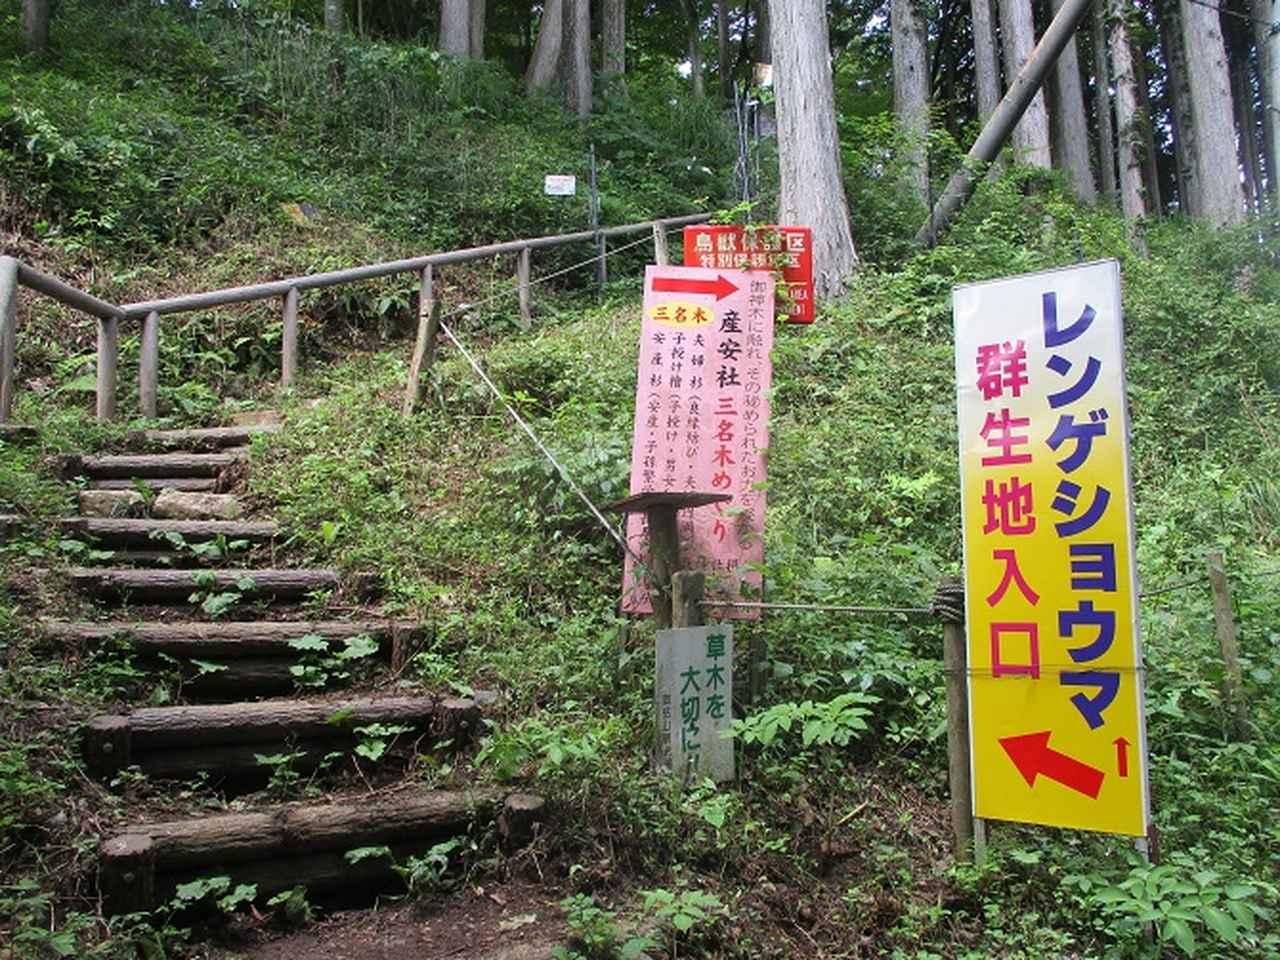 画像2: 8月の山旅会 「日の出山」 ツアーの下見に行ってきました!